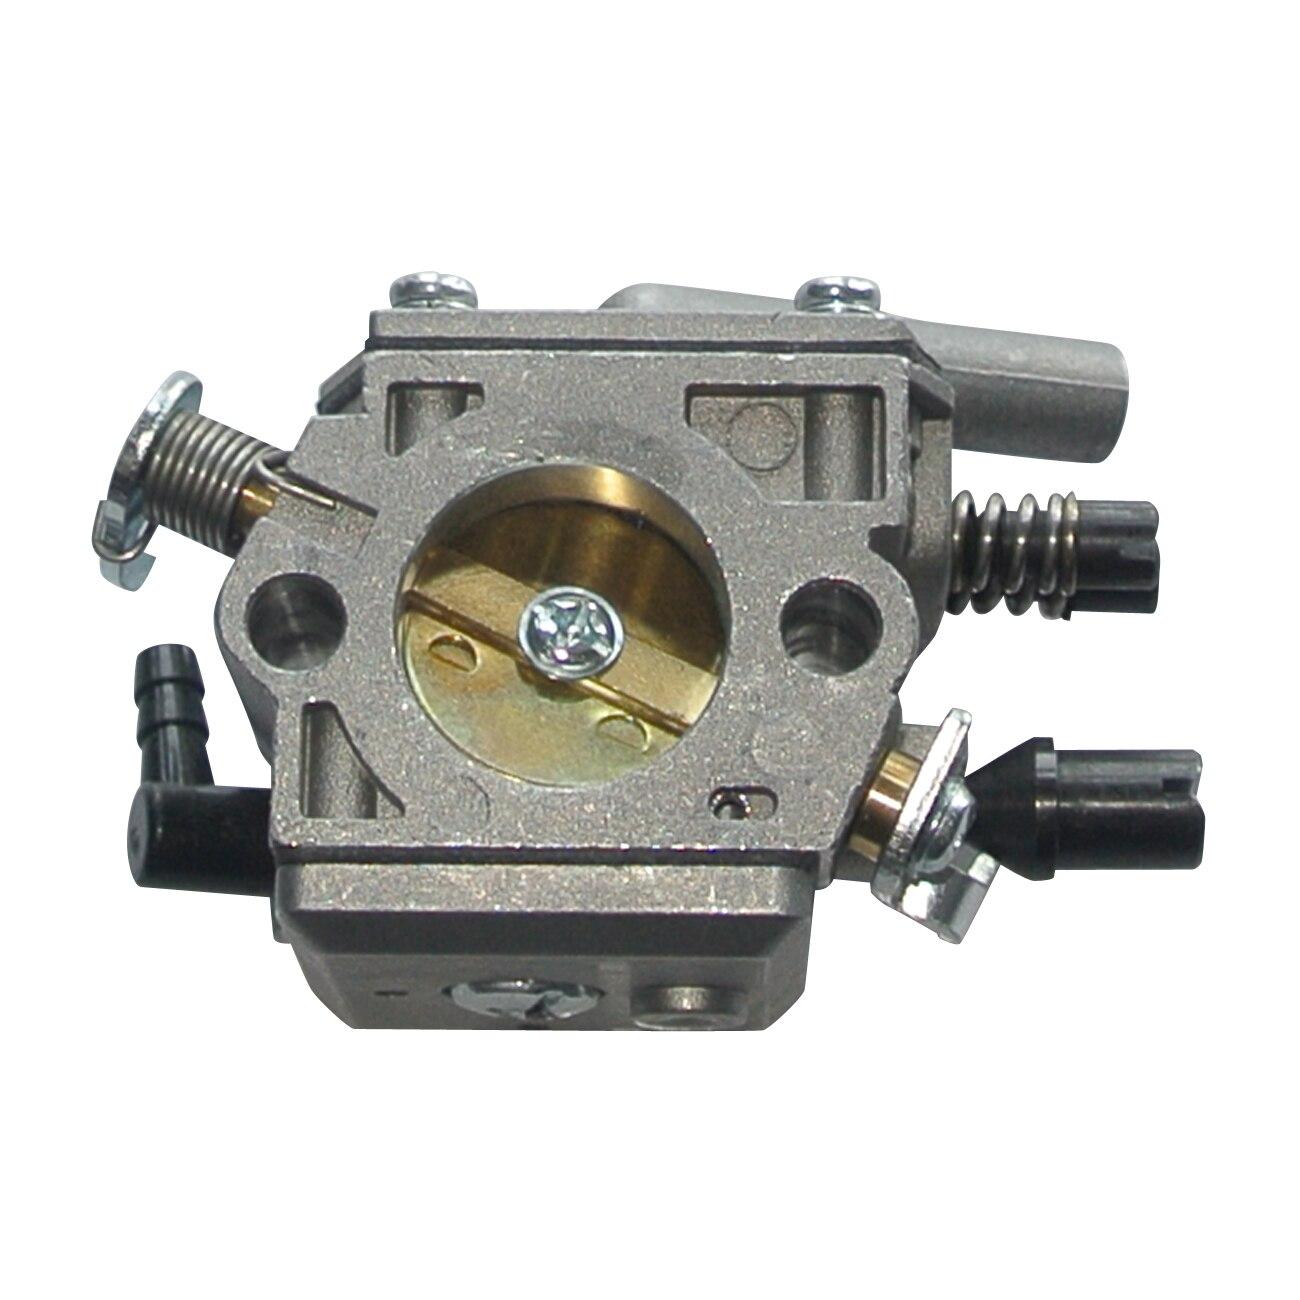 Карбюратор для STIHL 038 MS380 MS381, запчасти для двигателя бензопилы